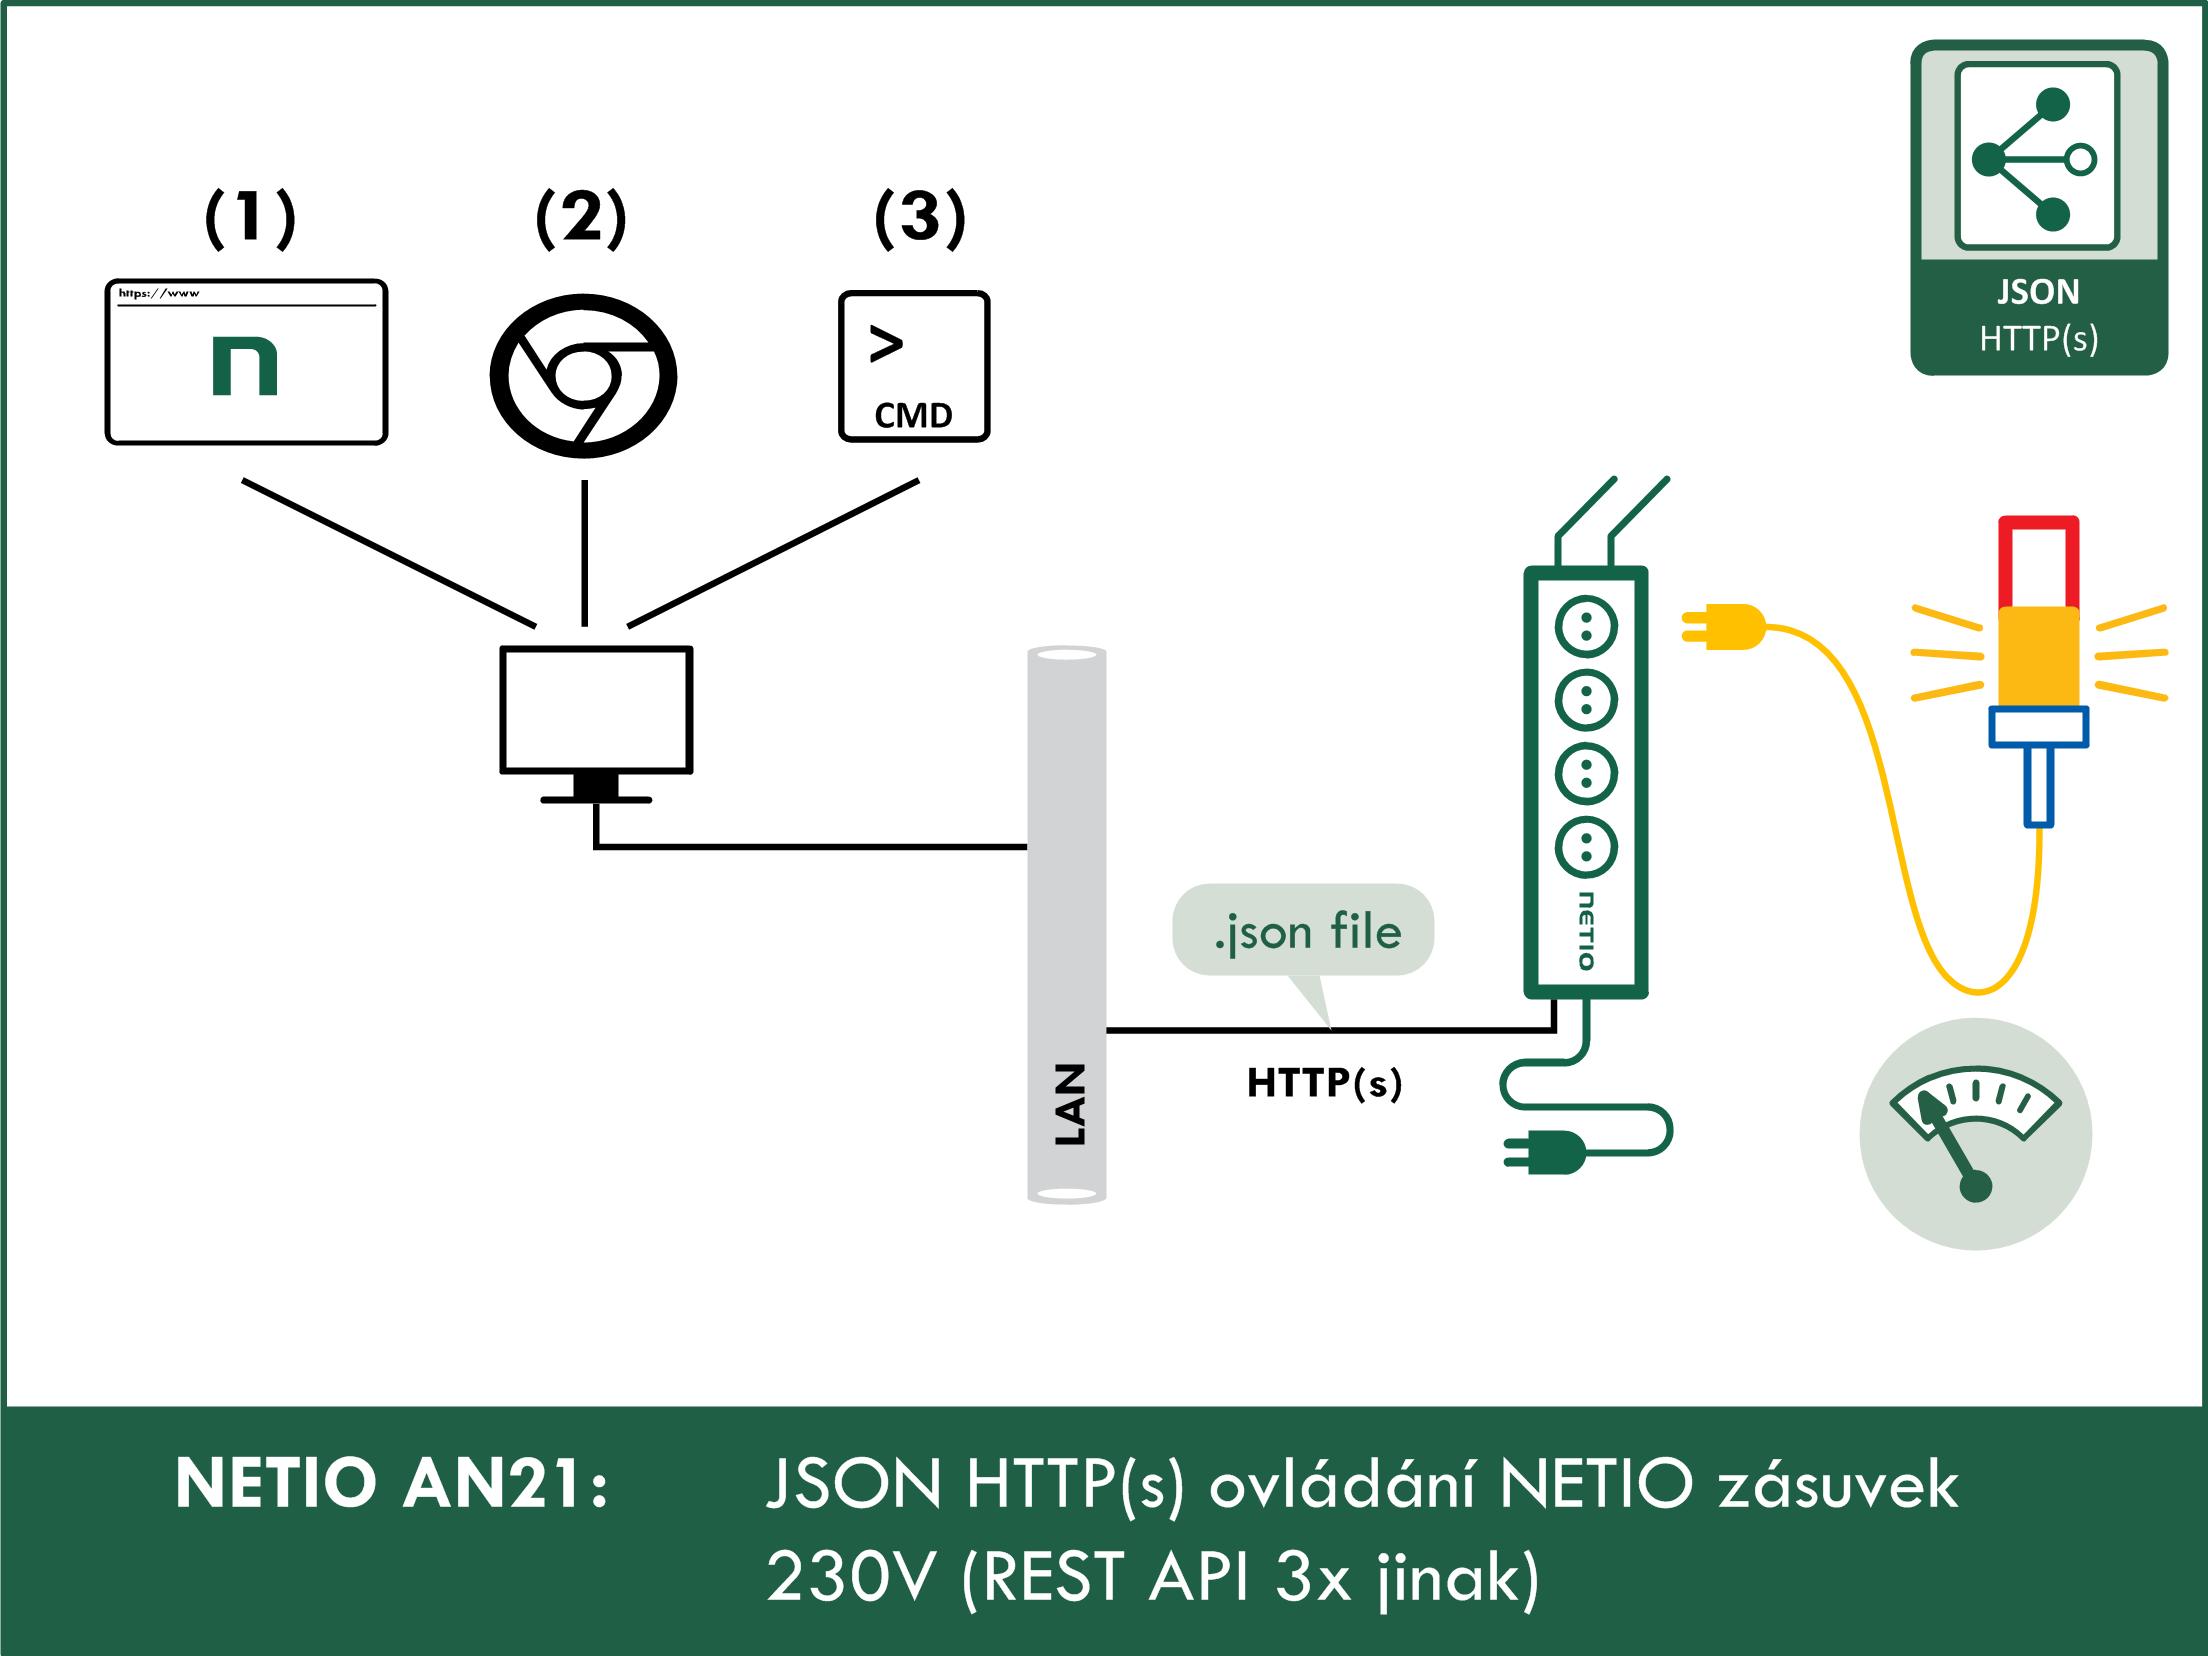 JSON HTTP(S) ovládání chytrých NETIO zásuvek 230V (REST API 3x jinak)